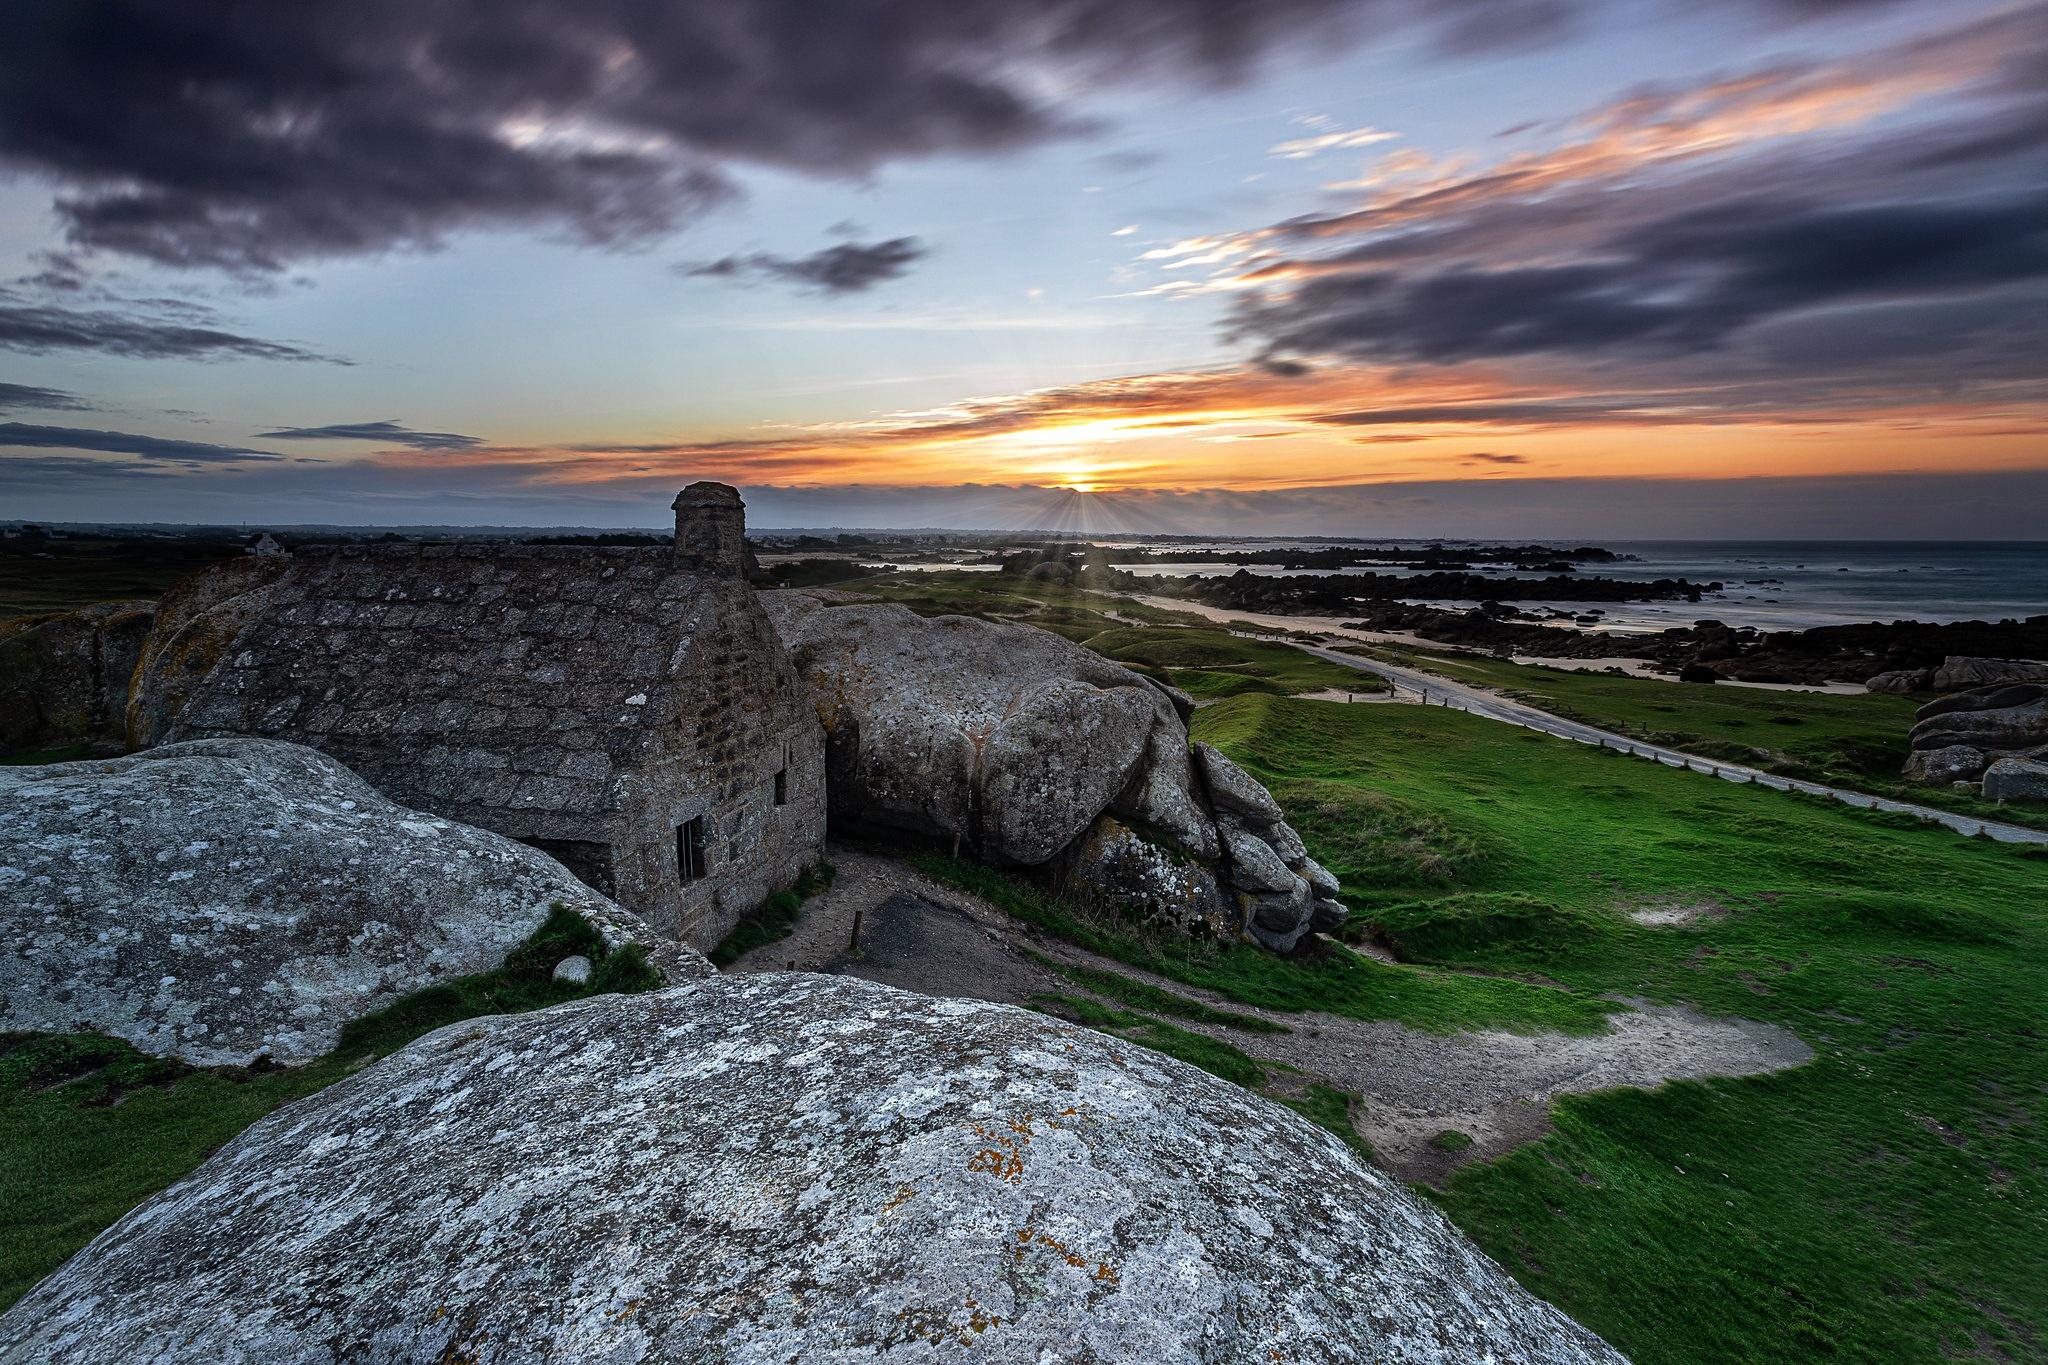 Beach House Rock Sunset 2048x1365